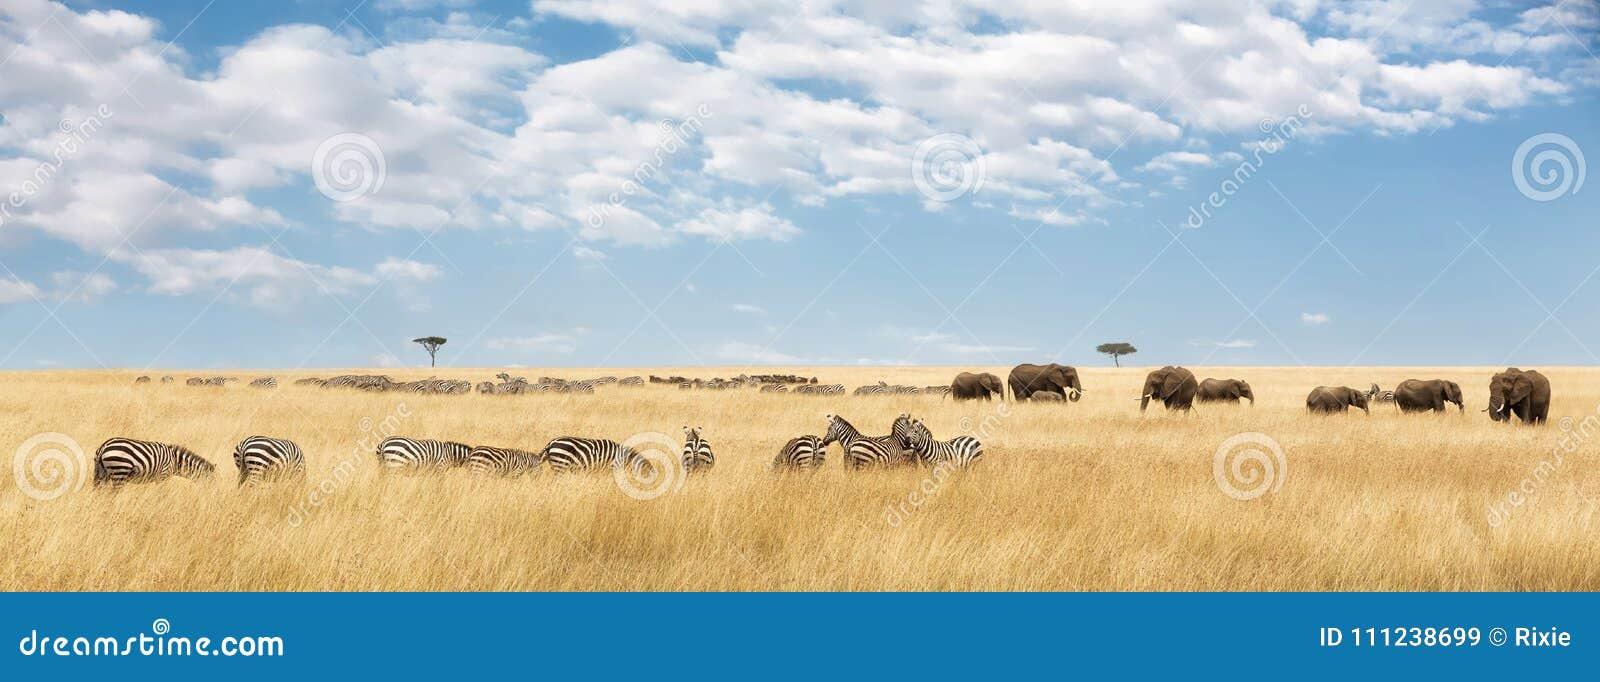 Słonie i zebry panorama